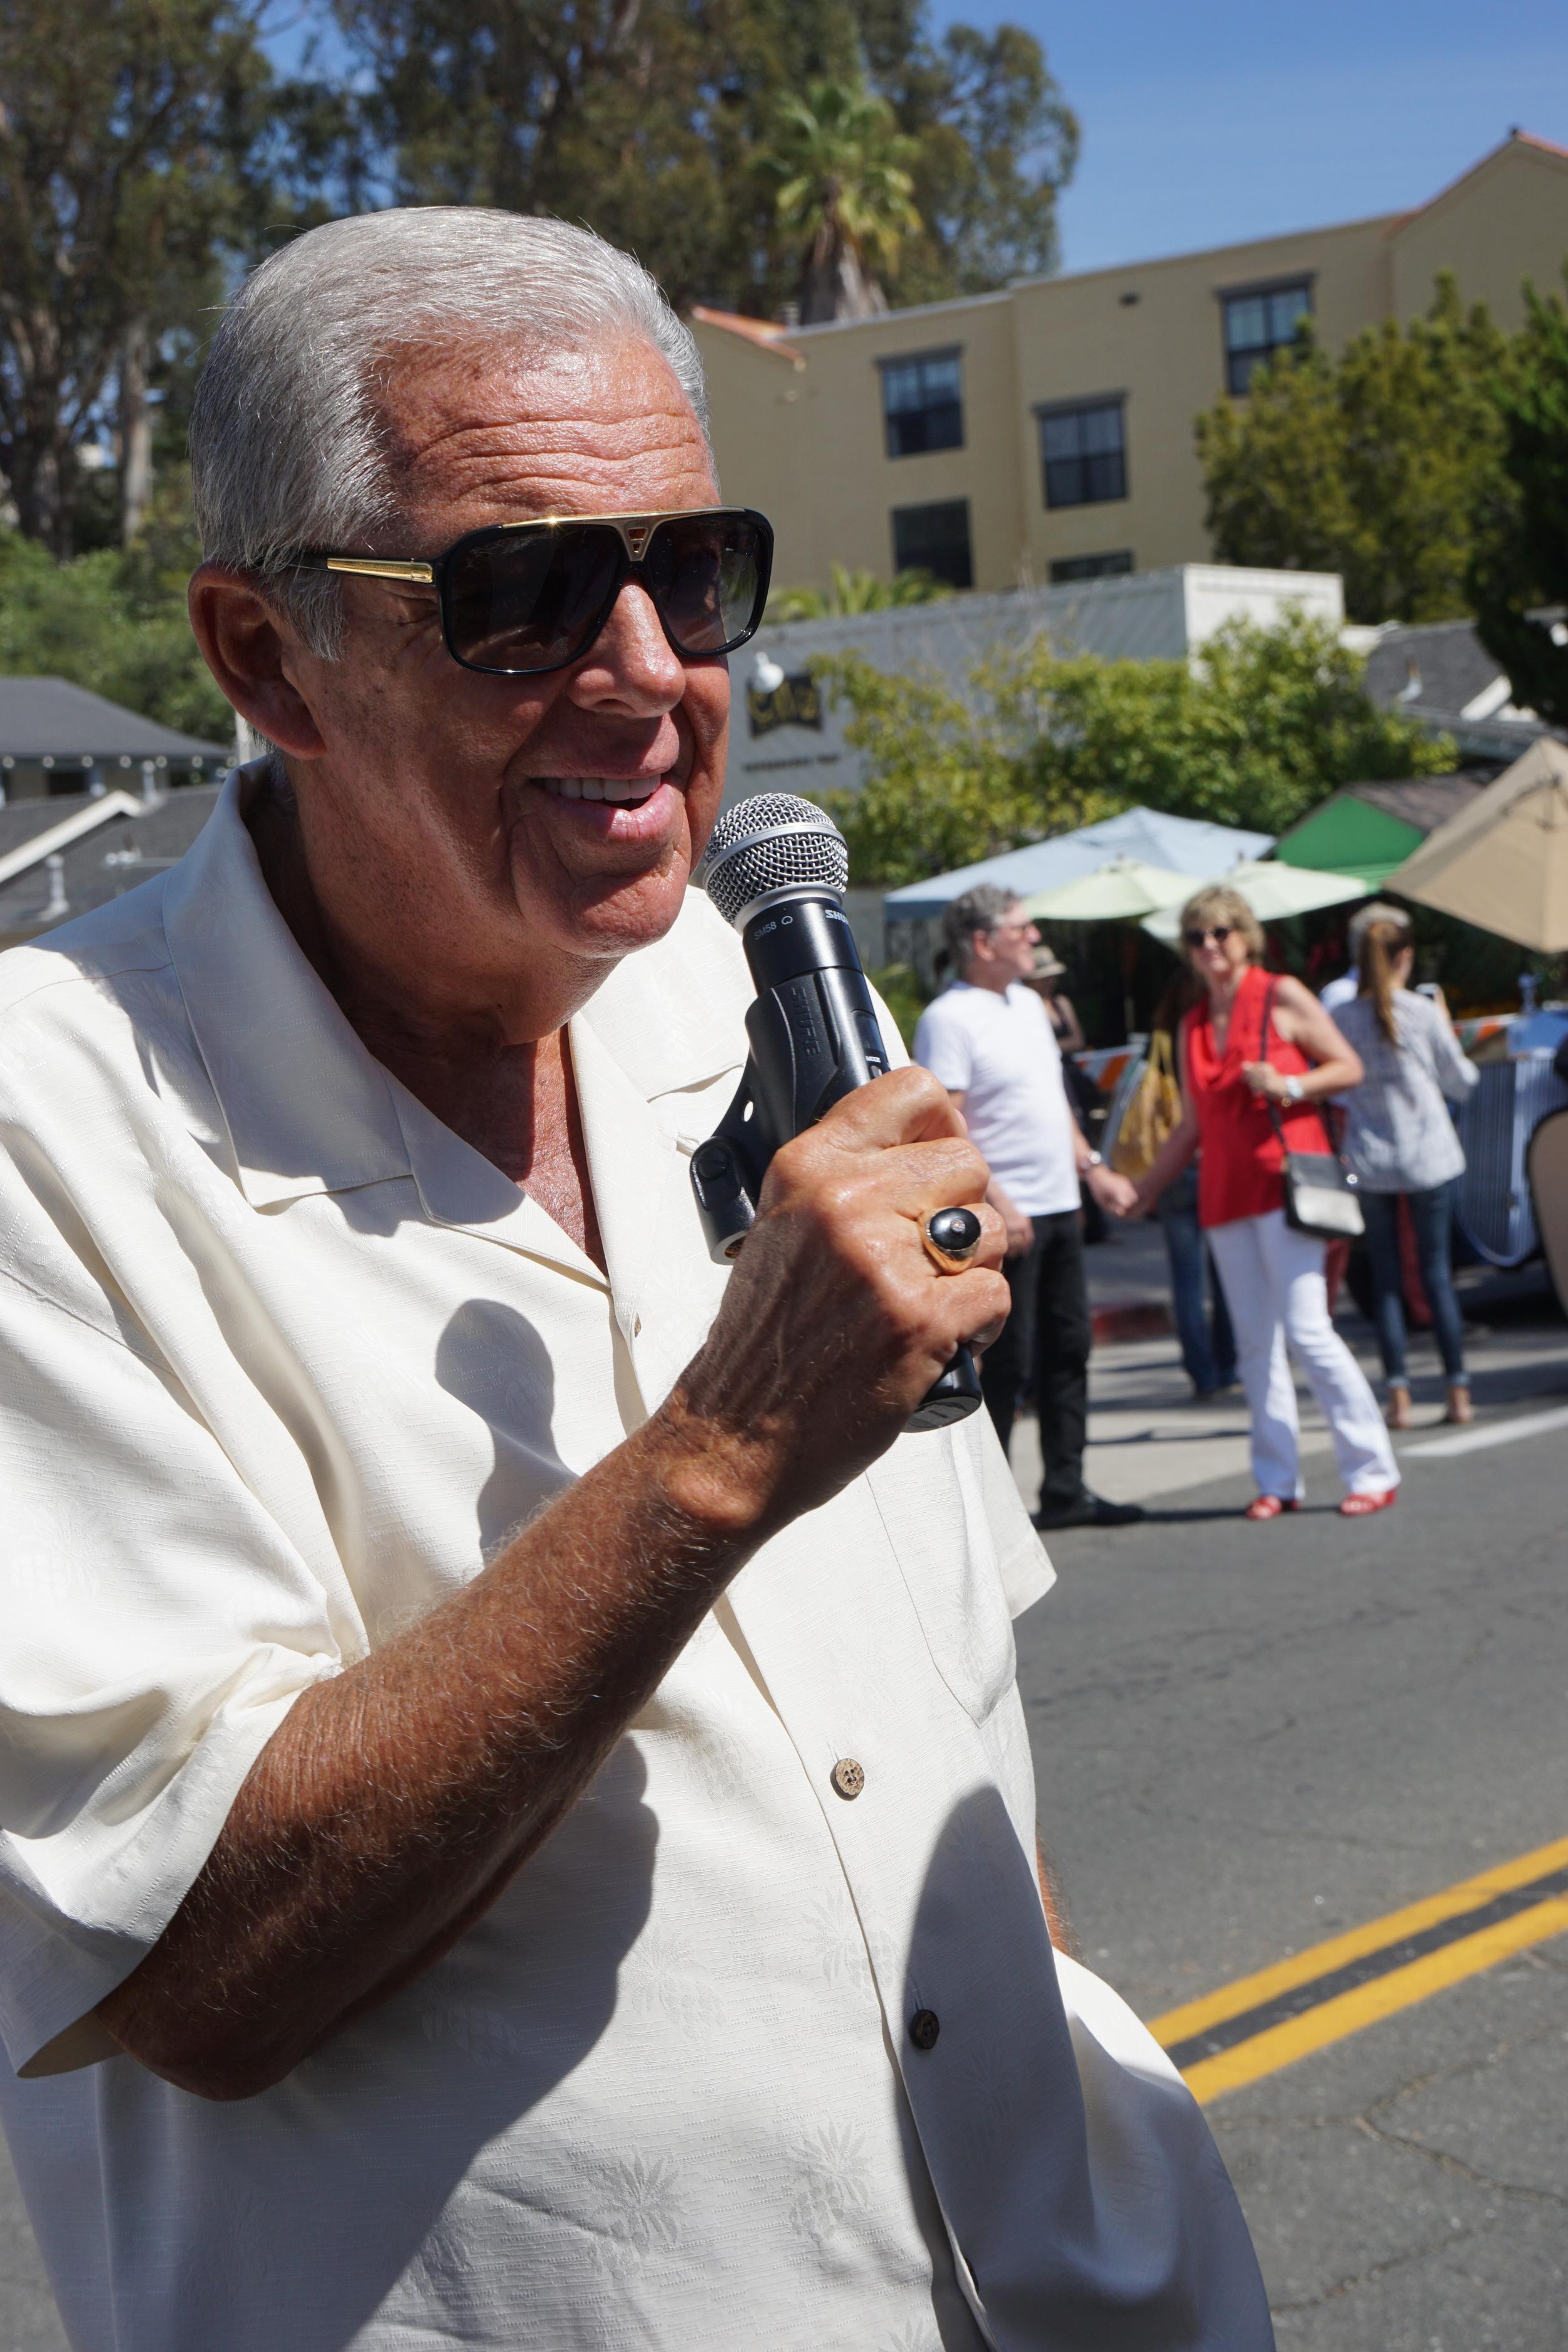 Barry James Meguiar of Car Crazy and Meguiar Car Wax